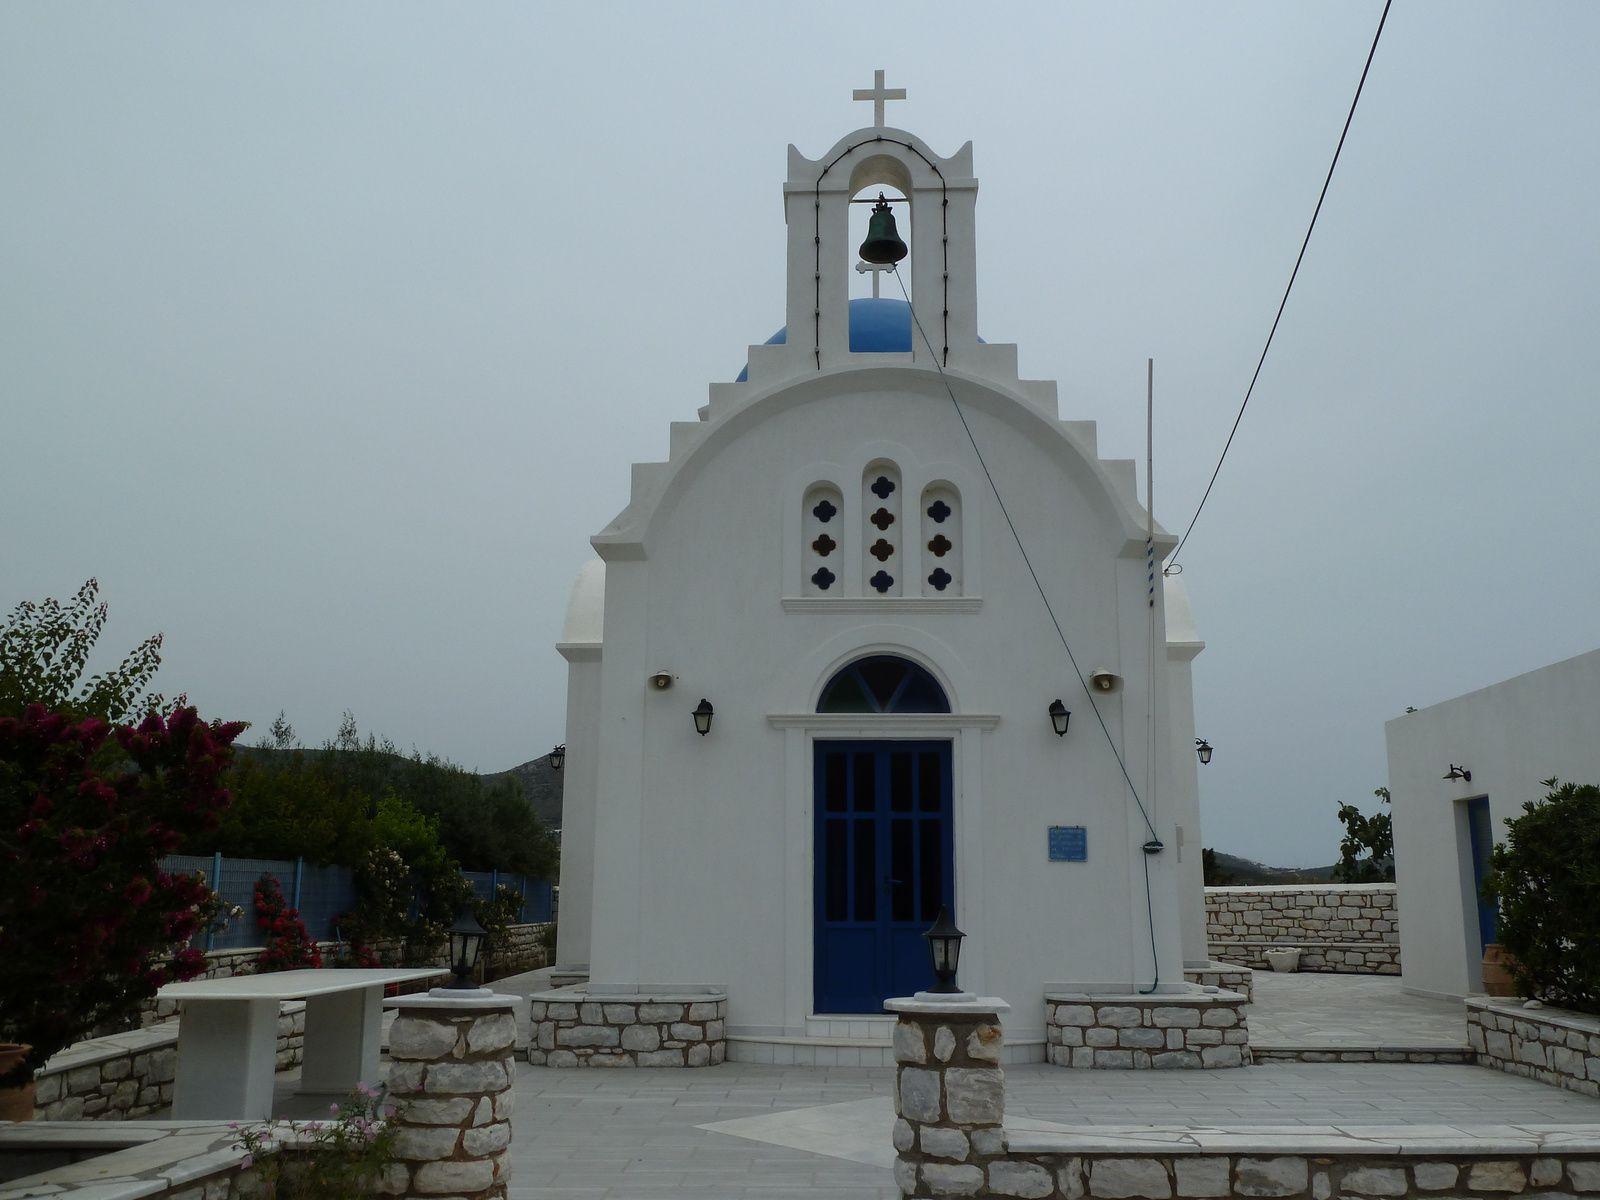 Comme dans toutes les îles des Cyclades, il existe à Paros des centaines d'églises. Des églises paroissiales, des chapelles dans la campagne et des petits oratoires dans l'enceinte de nombreuses maisons. Toutes simples, sans recherches ornementales particulières, principalement blanches avec des coupoles bleues, ce sont des exemples de l'architecture égéenne qui caractérise également Paros. La taille et la forme de chaque église dépend de la situation financière de celui qui la fait construire.